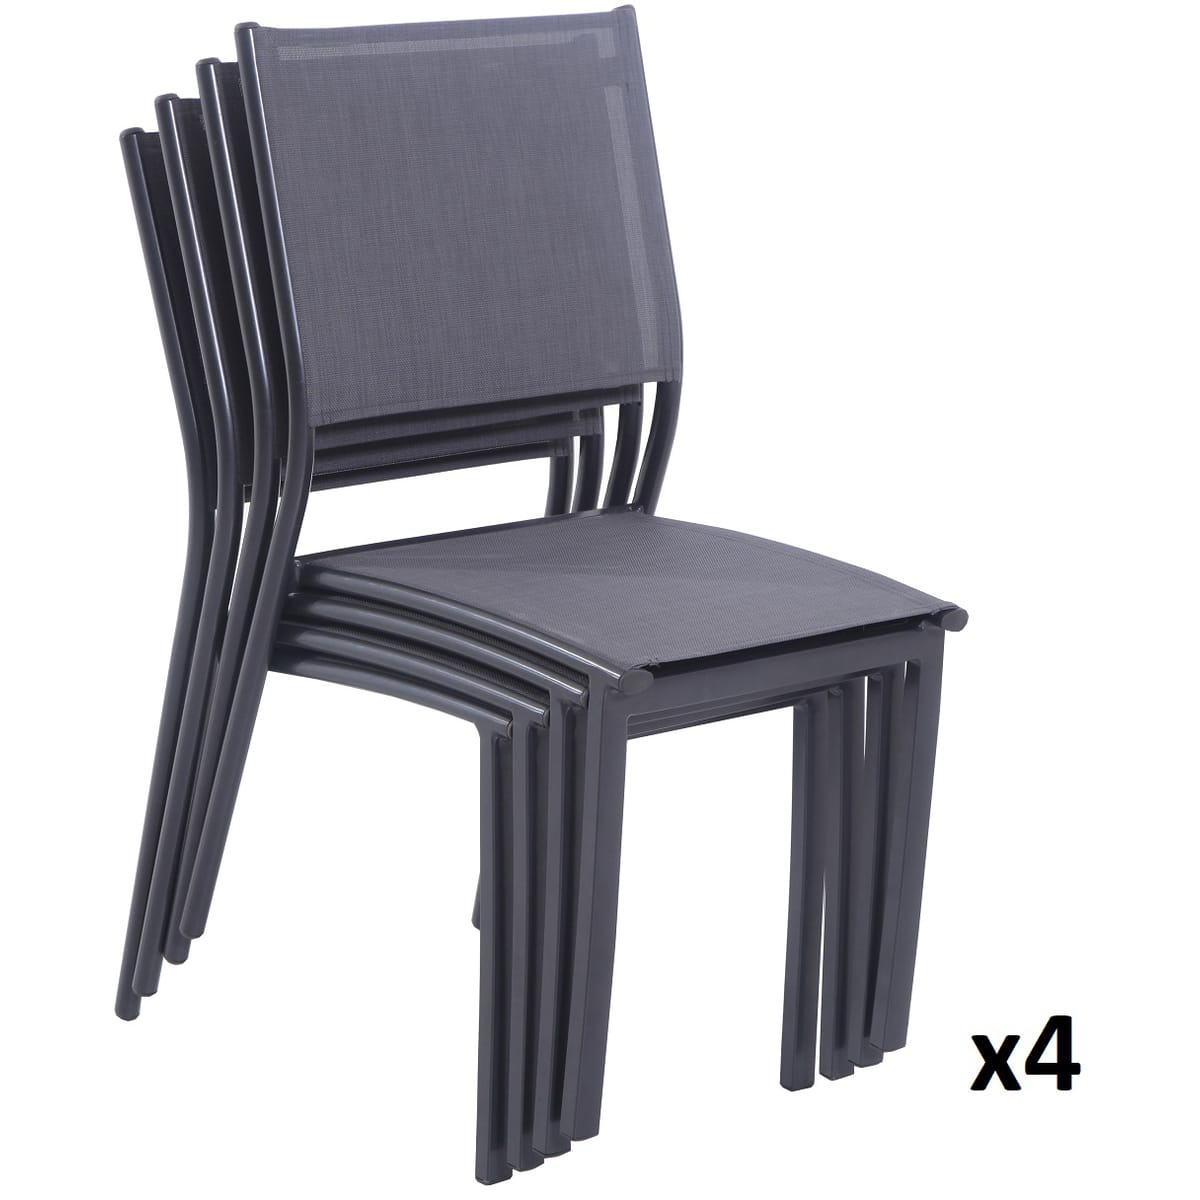 Creador Lot De 4 Chaises Empilables Textilène Gris Anthracite Clara pour Auchan Salon De Jardin